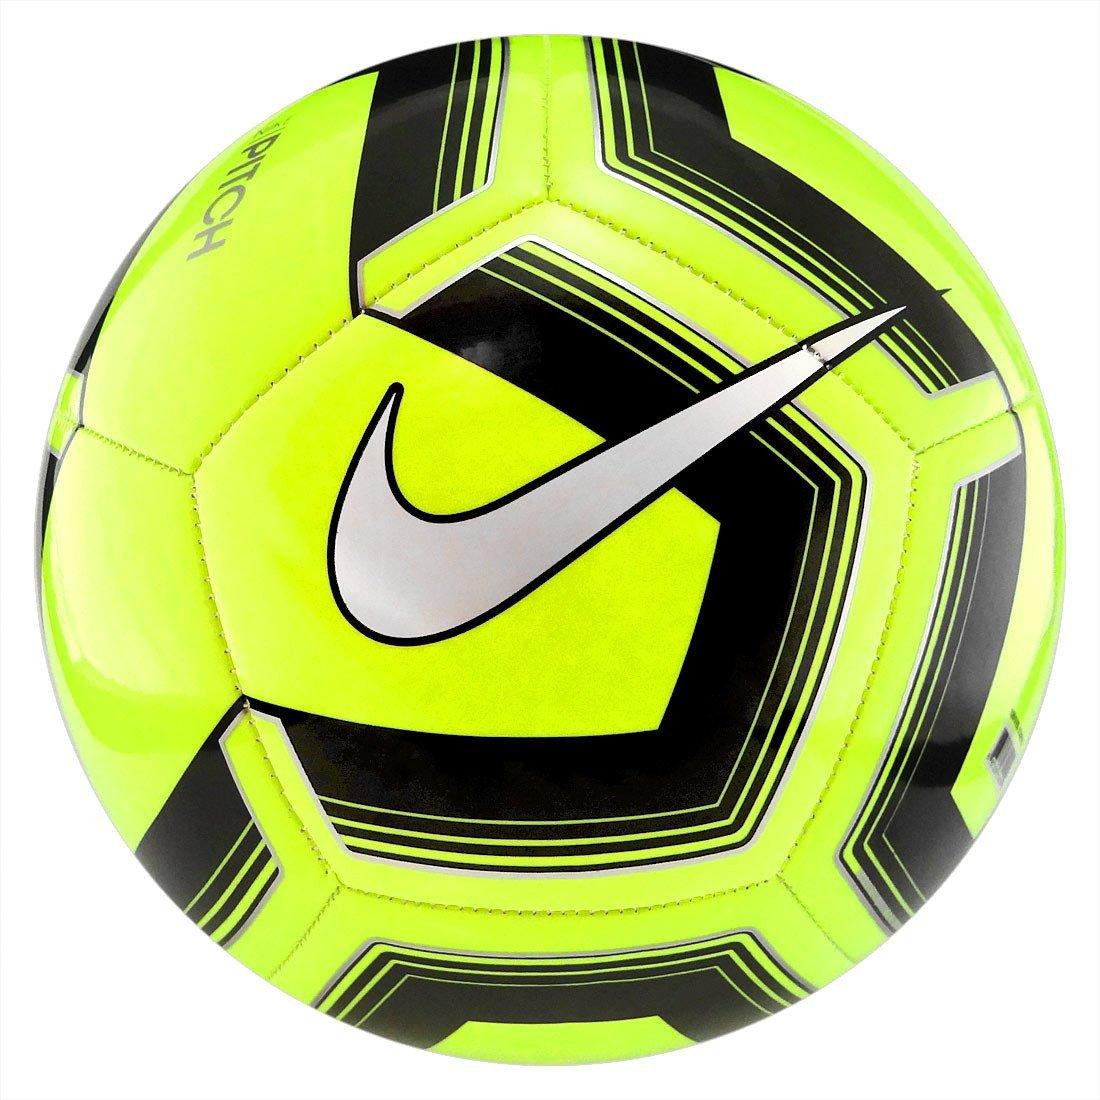 Różowa piłka nożna Nike Pitch Team SC3893 639 r4